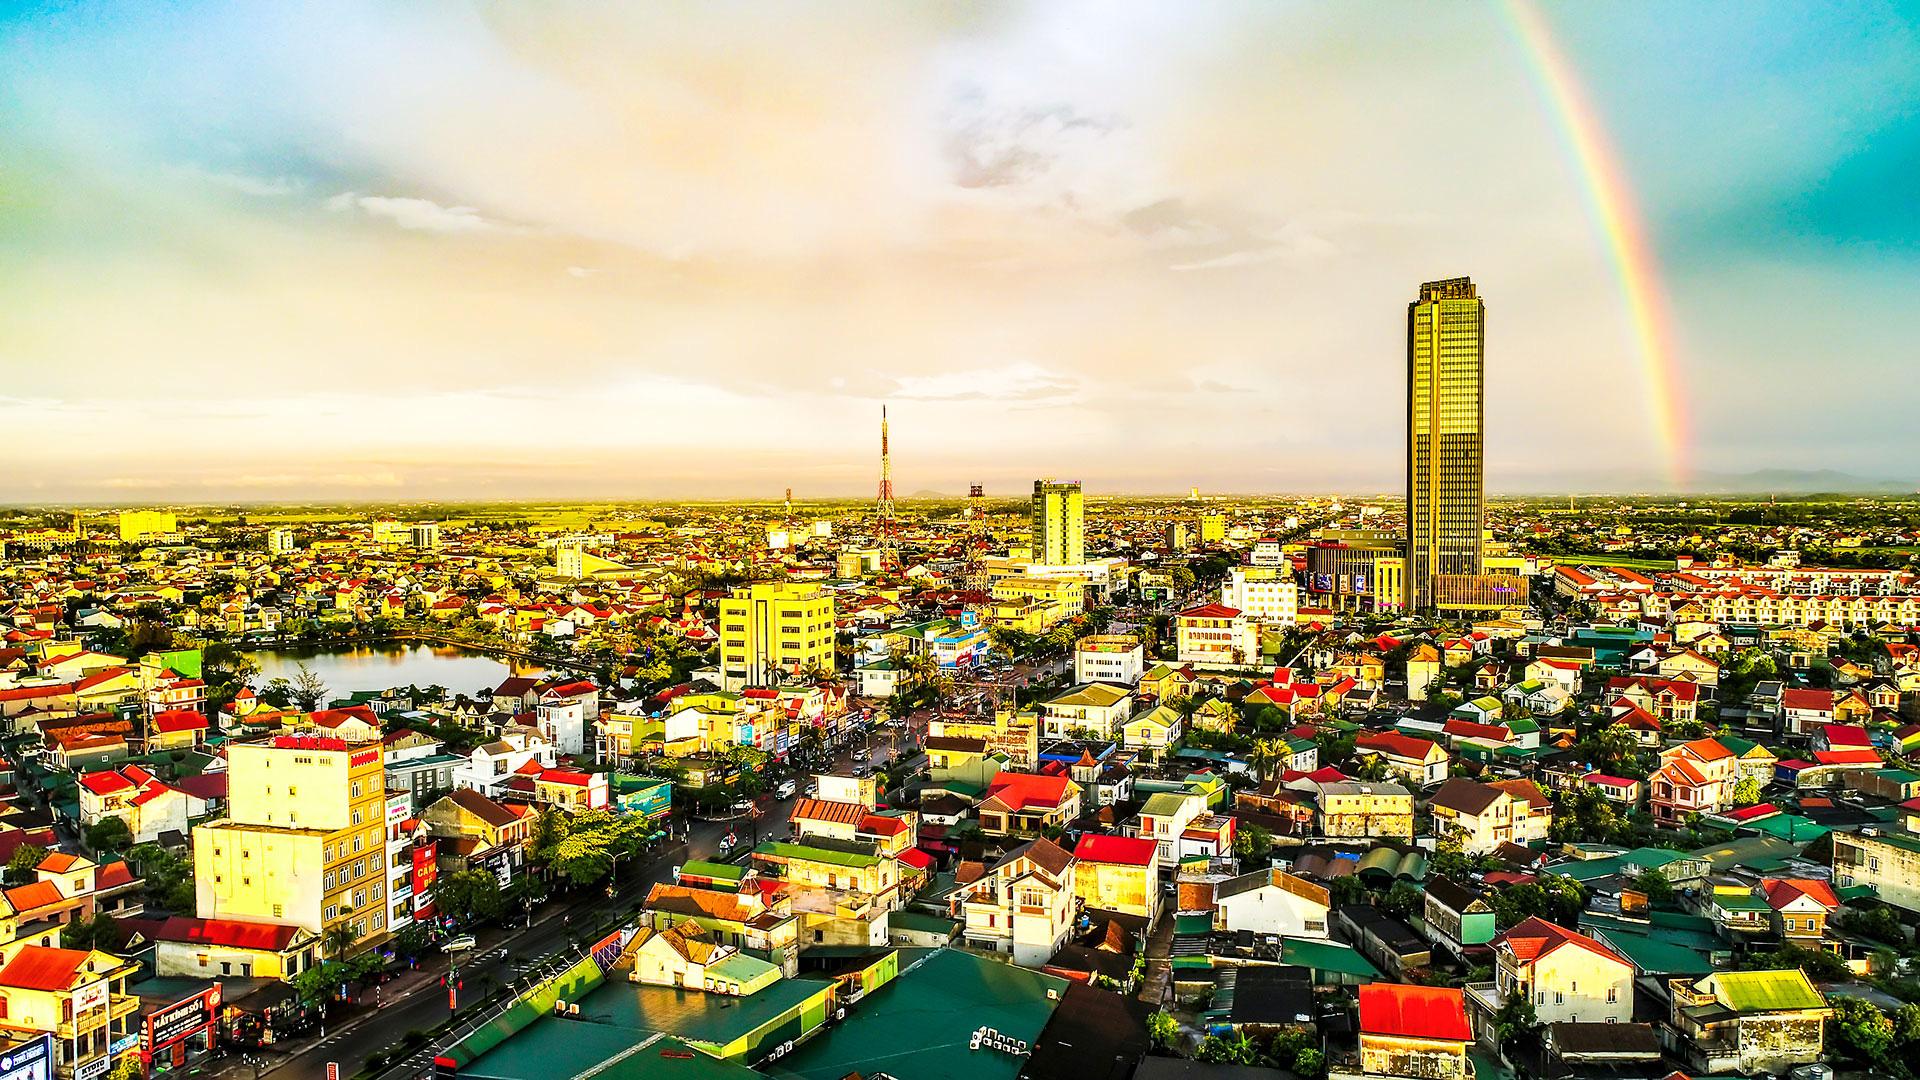 Thành phố Hà Tĩnh sẽ thay đổi ra sao khi Vingroup đầu tư dự án tỷ đô? - Ảnh 3.